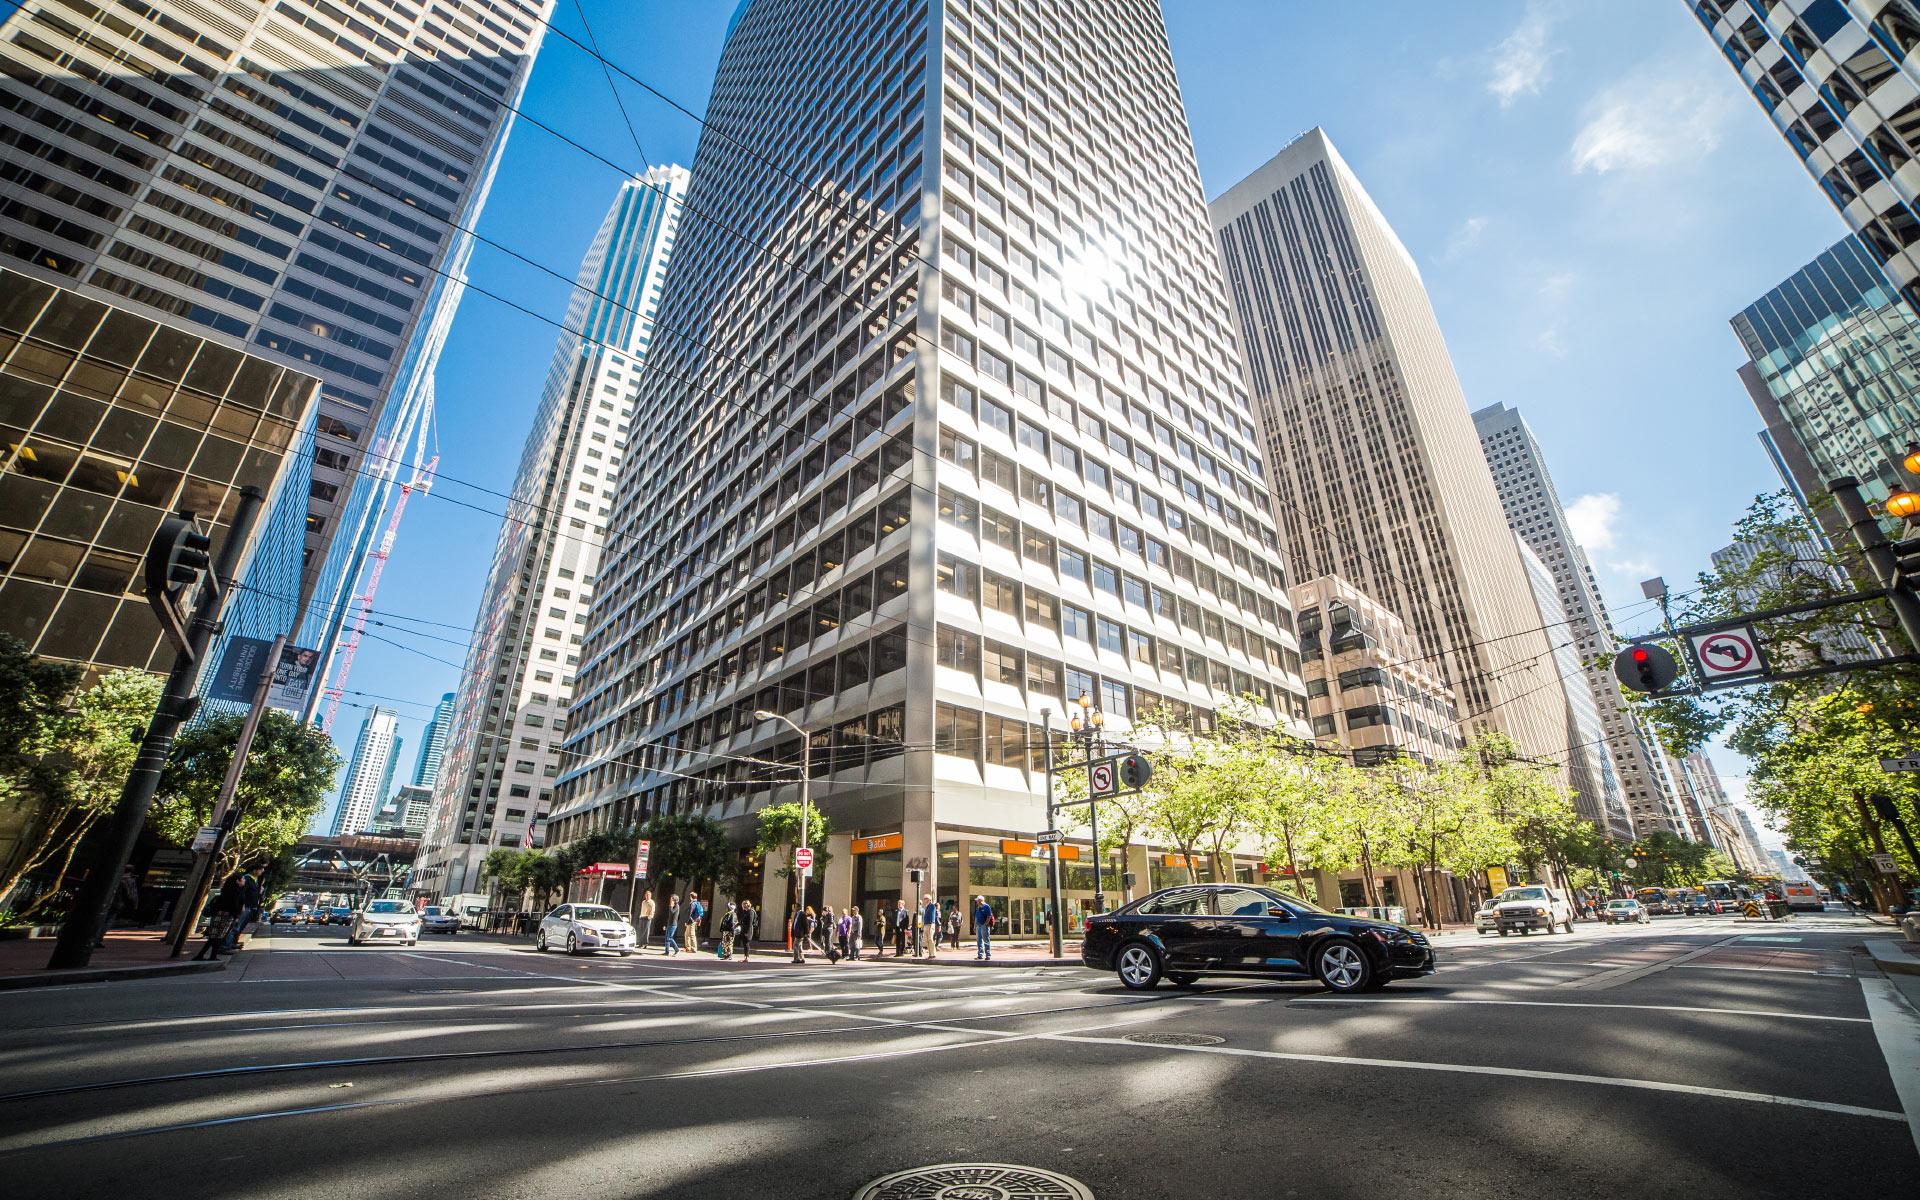 Straßenkreuzung mit Verkehr und Wolkenkratzern in New York